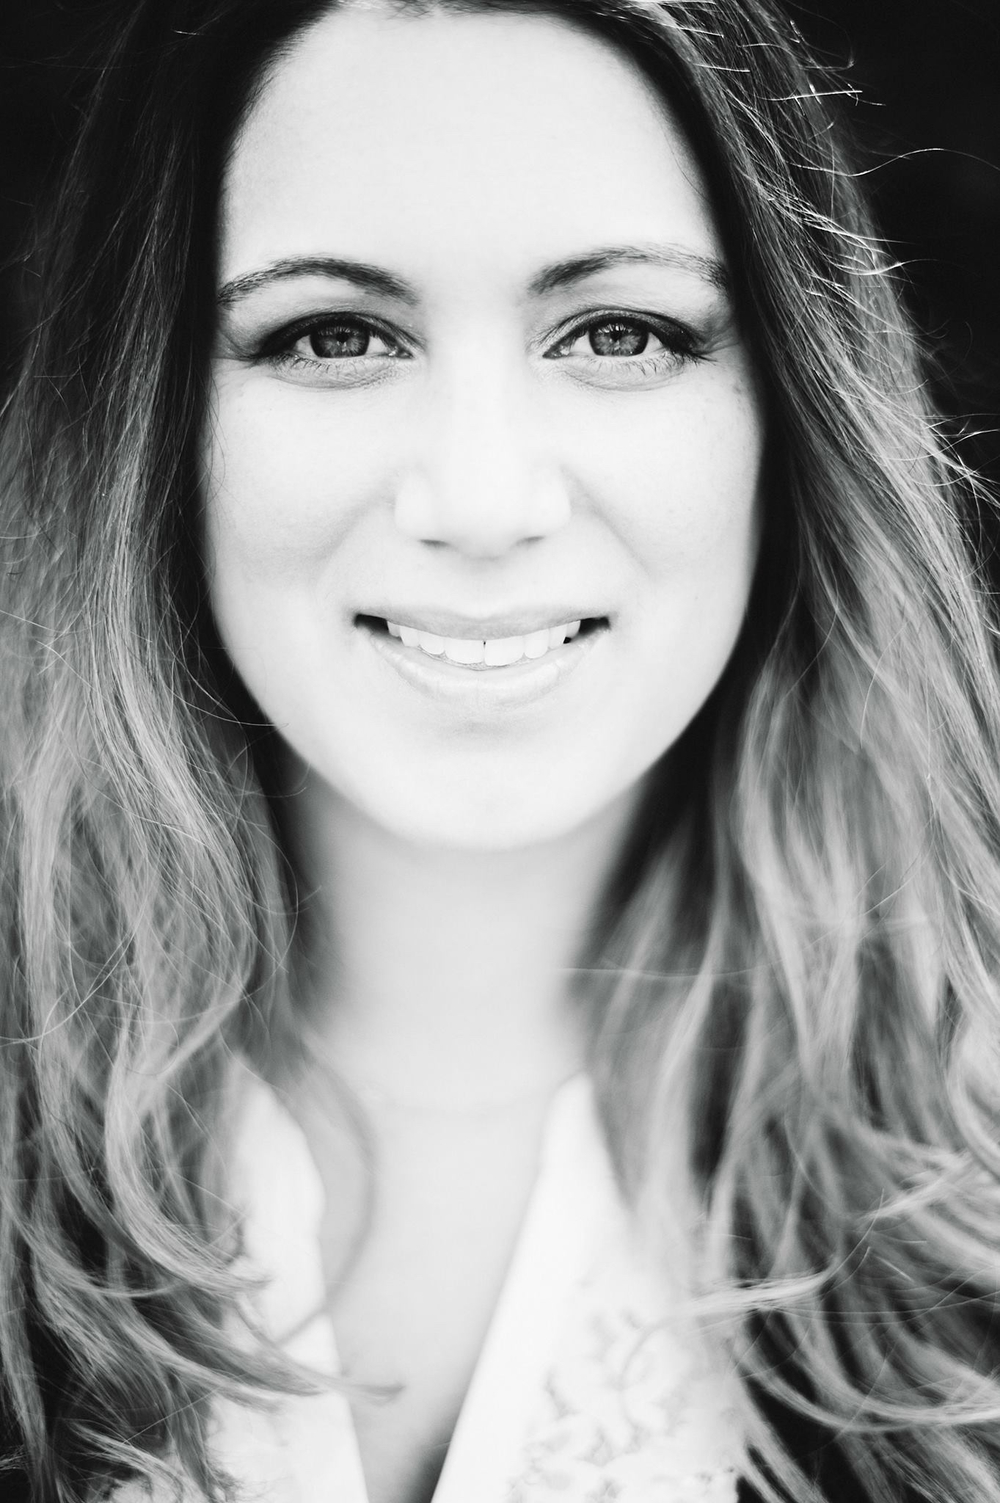 Rosanna headshot.jpg